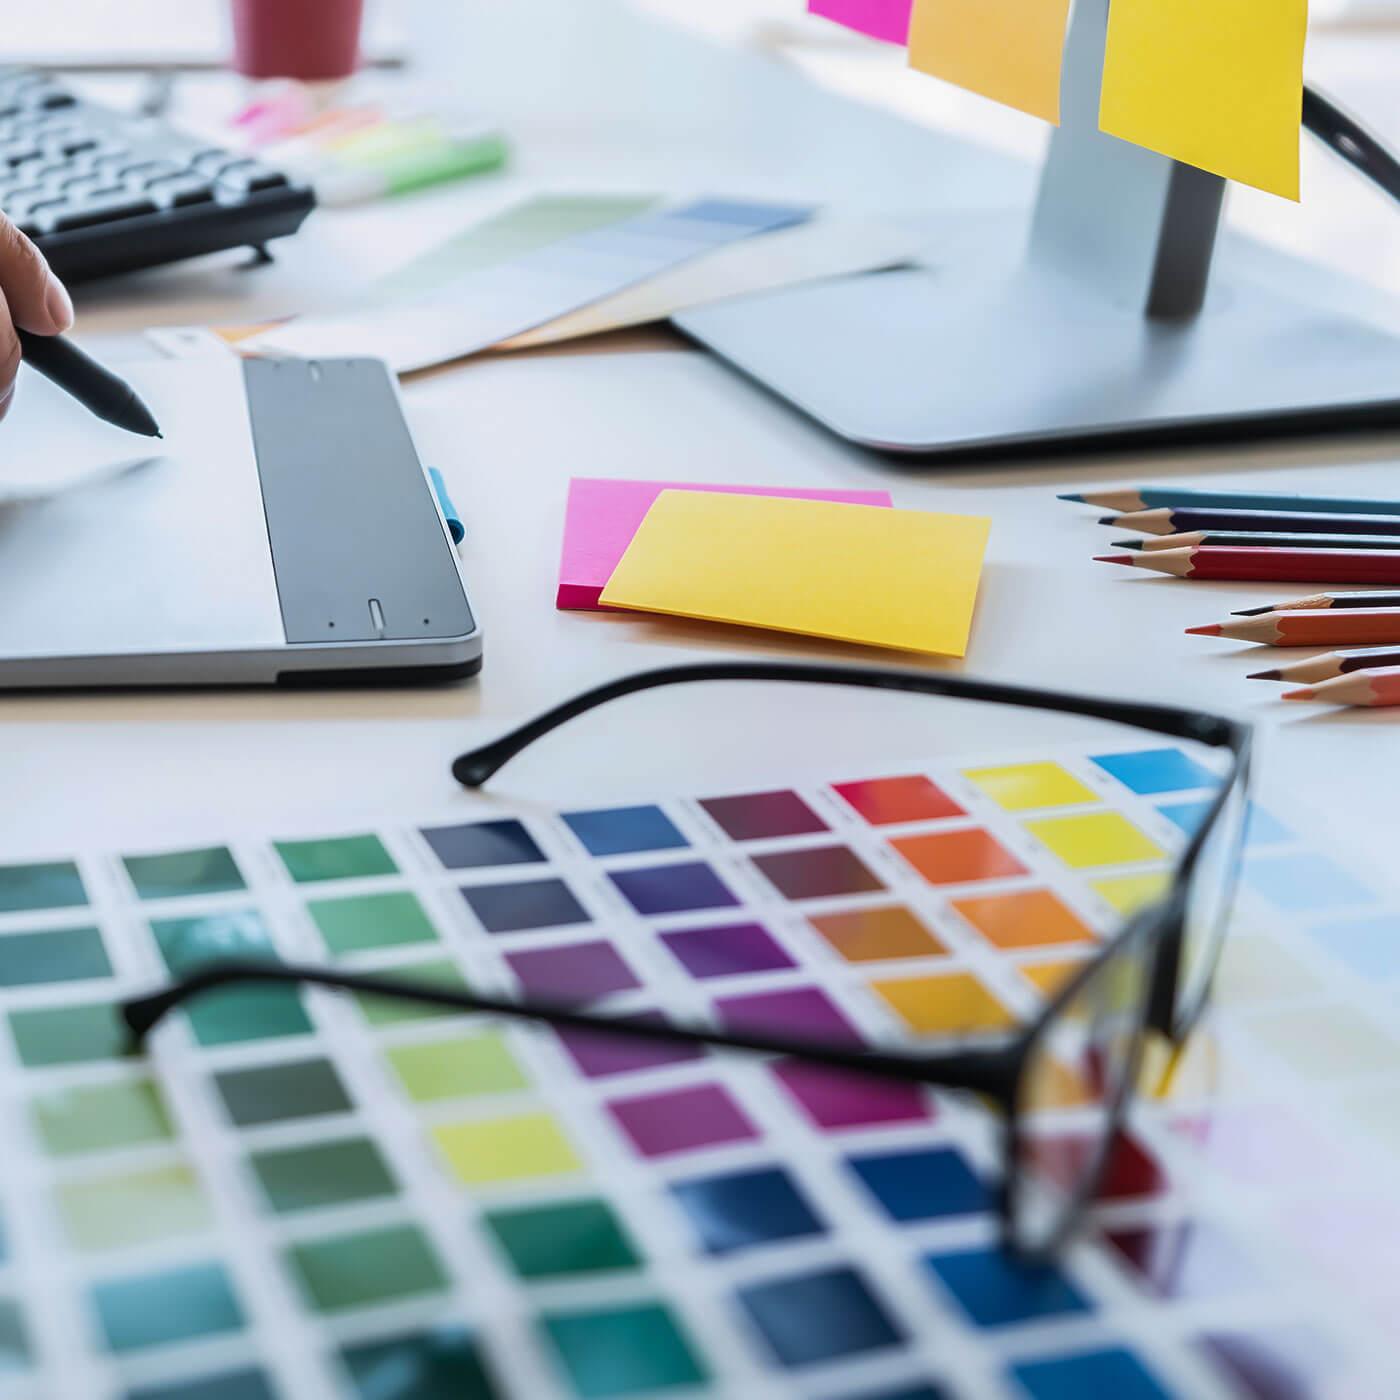 Processen i udarbejdelse af designmanual